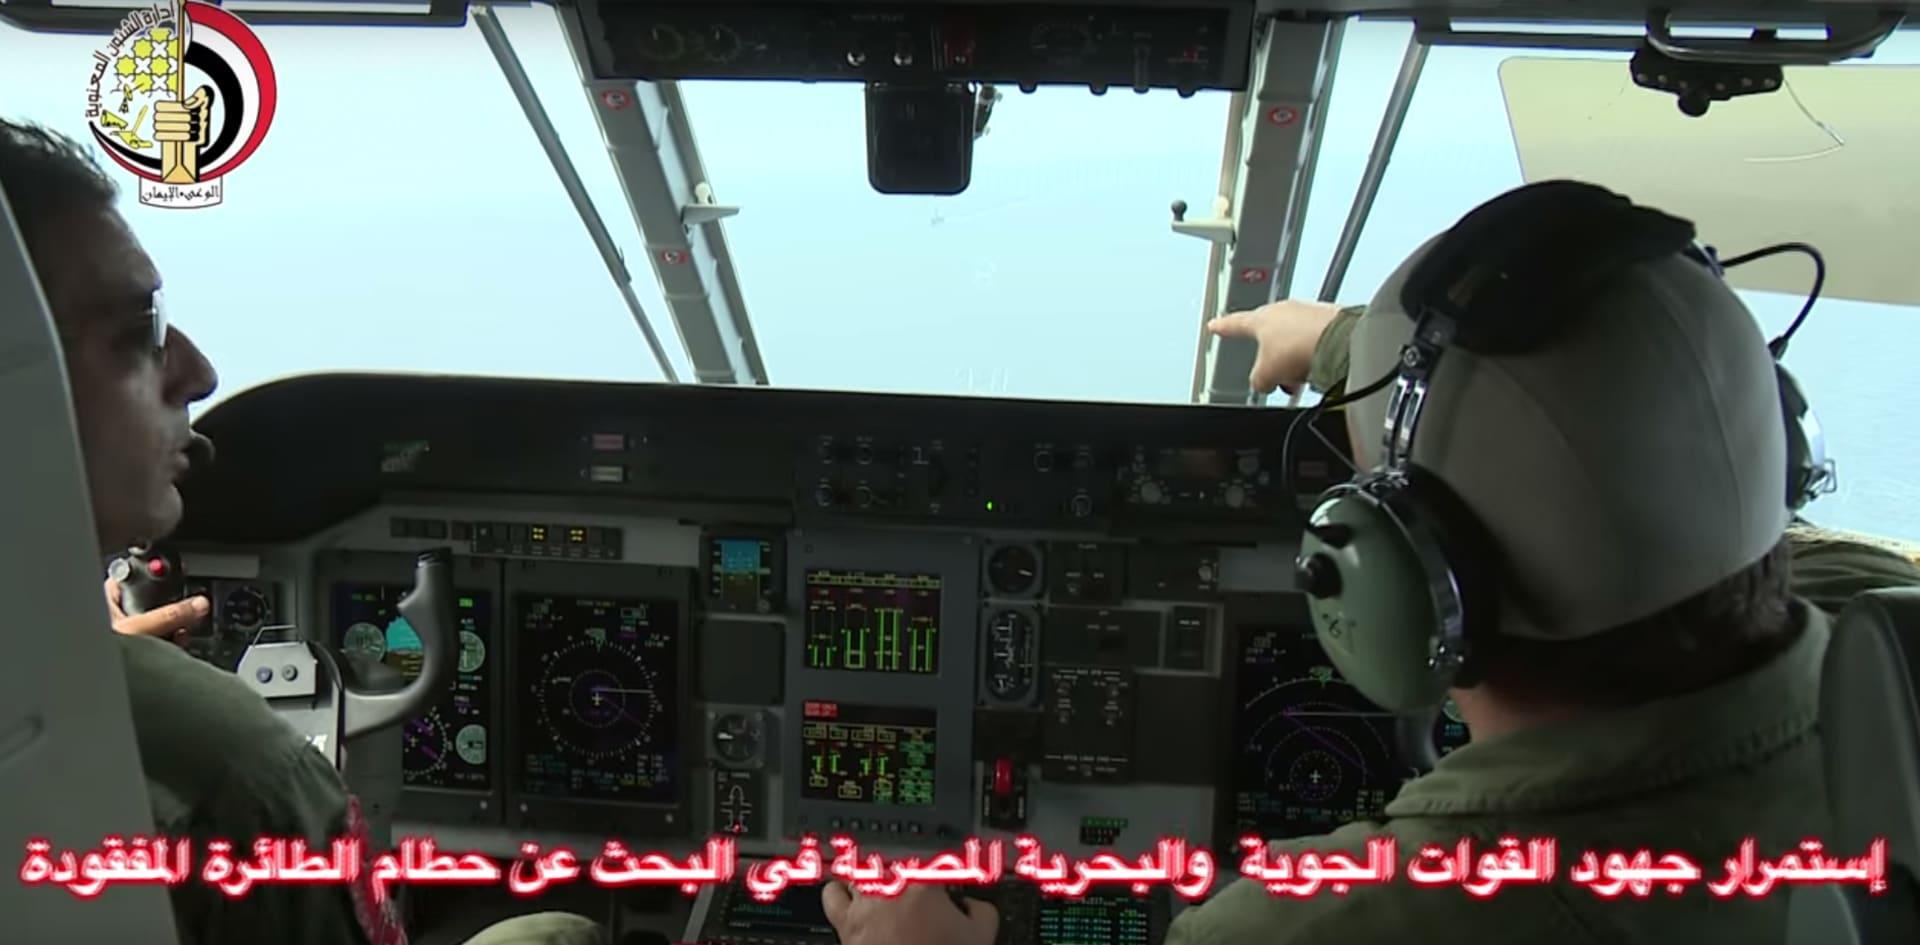 """القاهرة تنفي التعاقد مع شركات أجنبية لإيجاد الصندوقين الأسودين لطائرة مصر للطيران وتؤكد """"التنسيق"""" الدولي"""